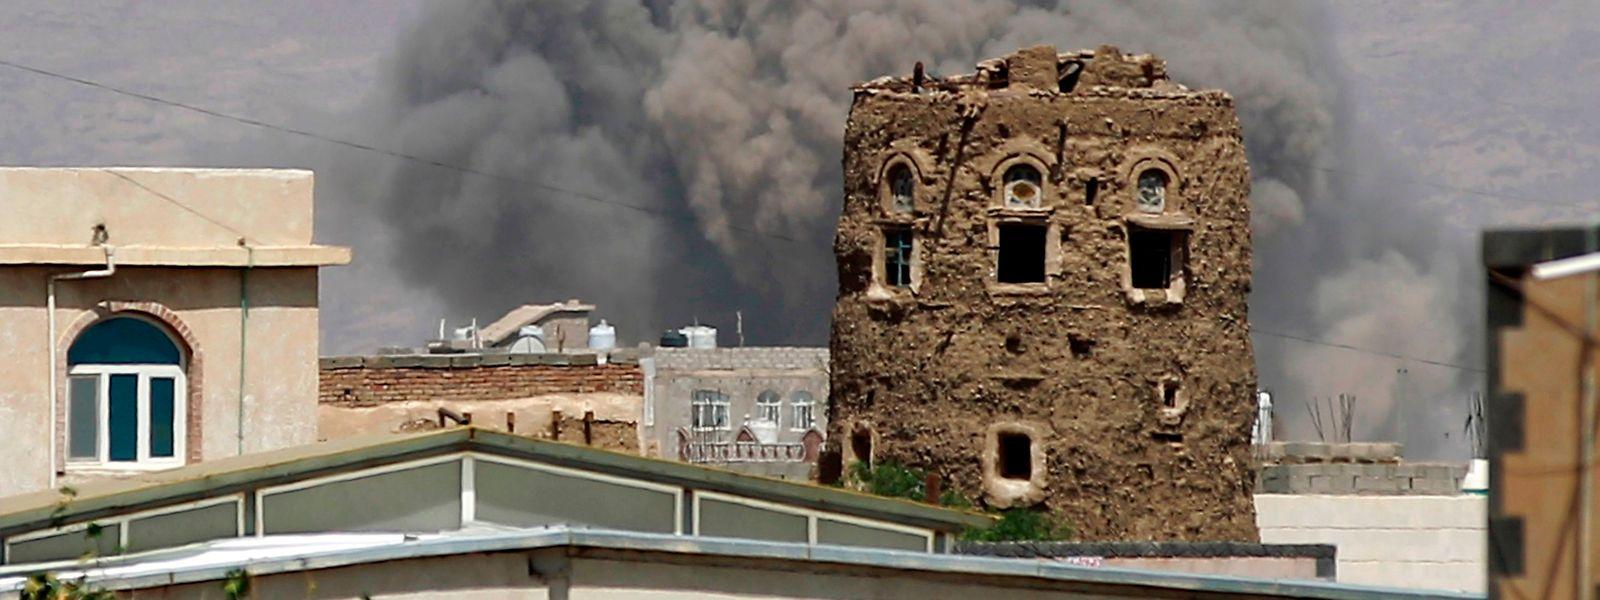 Alltag am Golf von Aden: Angriffe bescheren Tod und Trümmer.